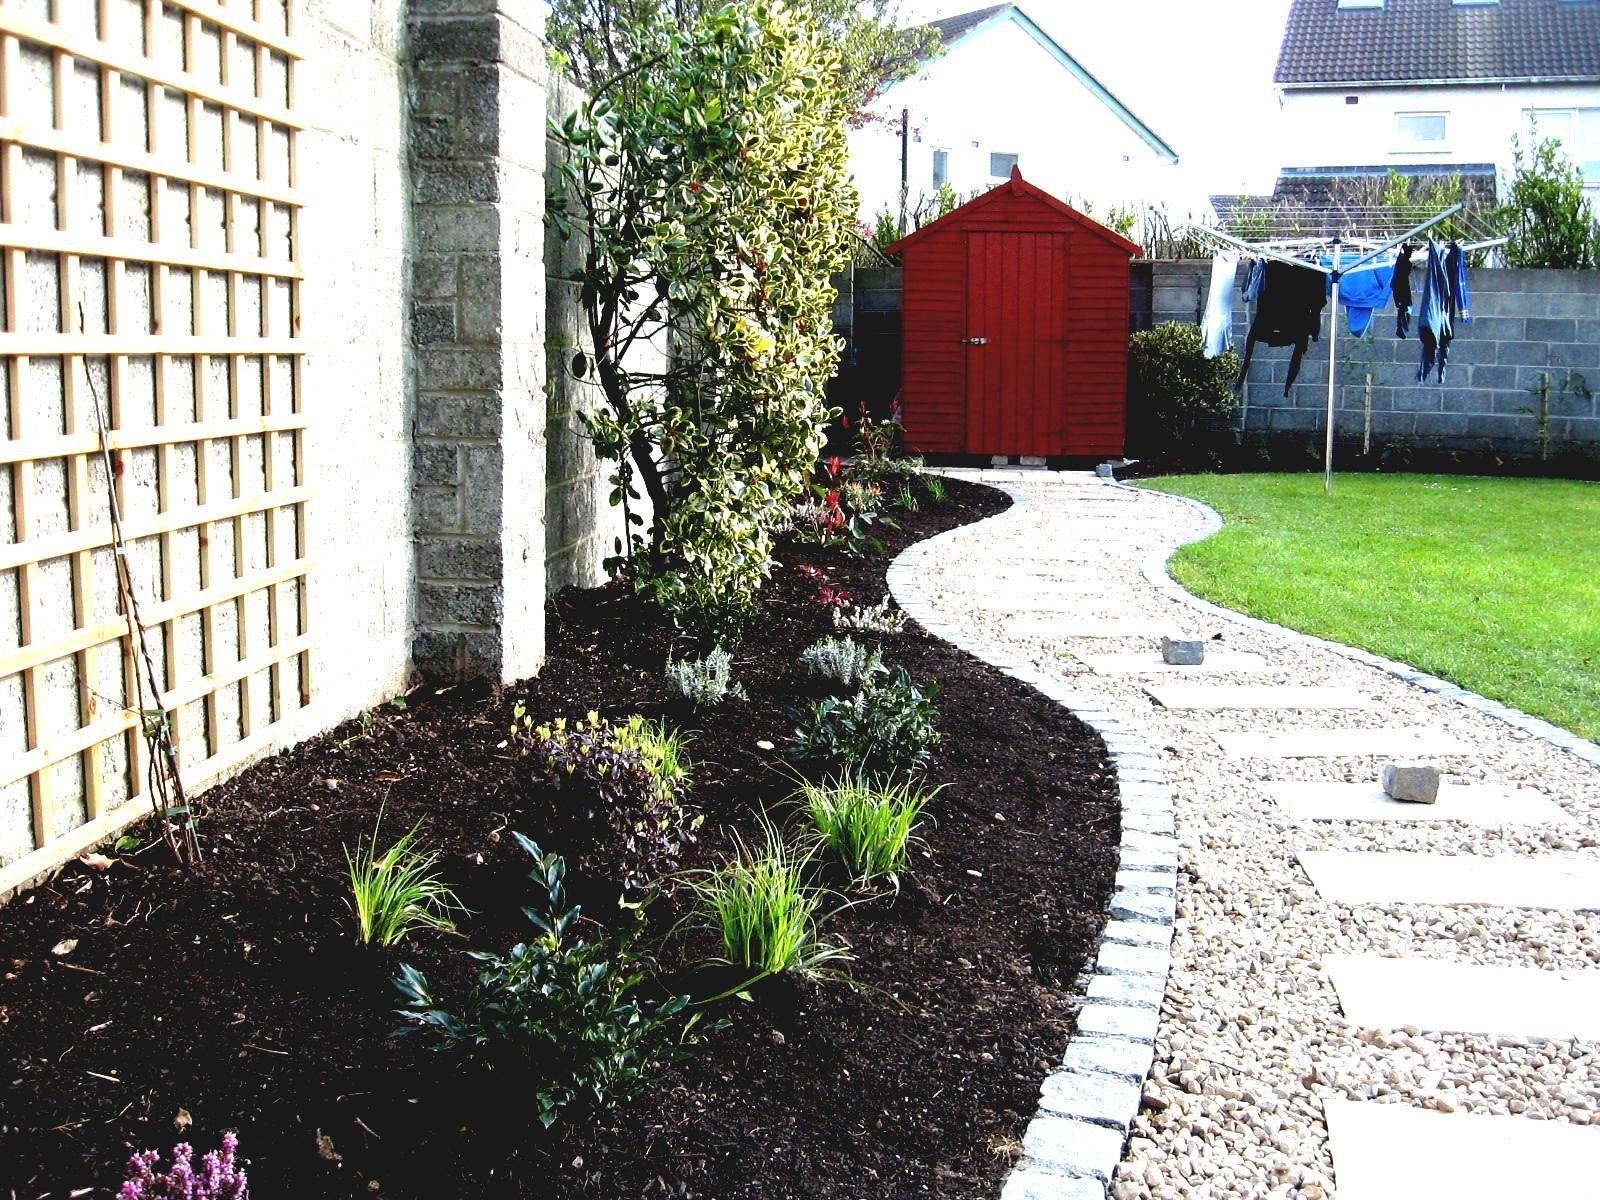 Geringer Wartungsaufwand Garten Ideen Auf Einem Budget Einfache Hinterhof  #Gartendeko